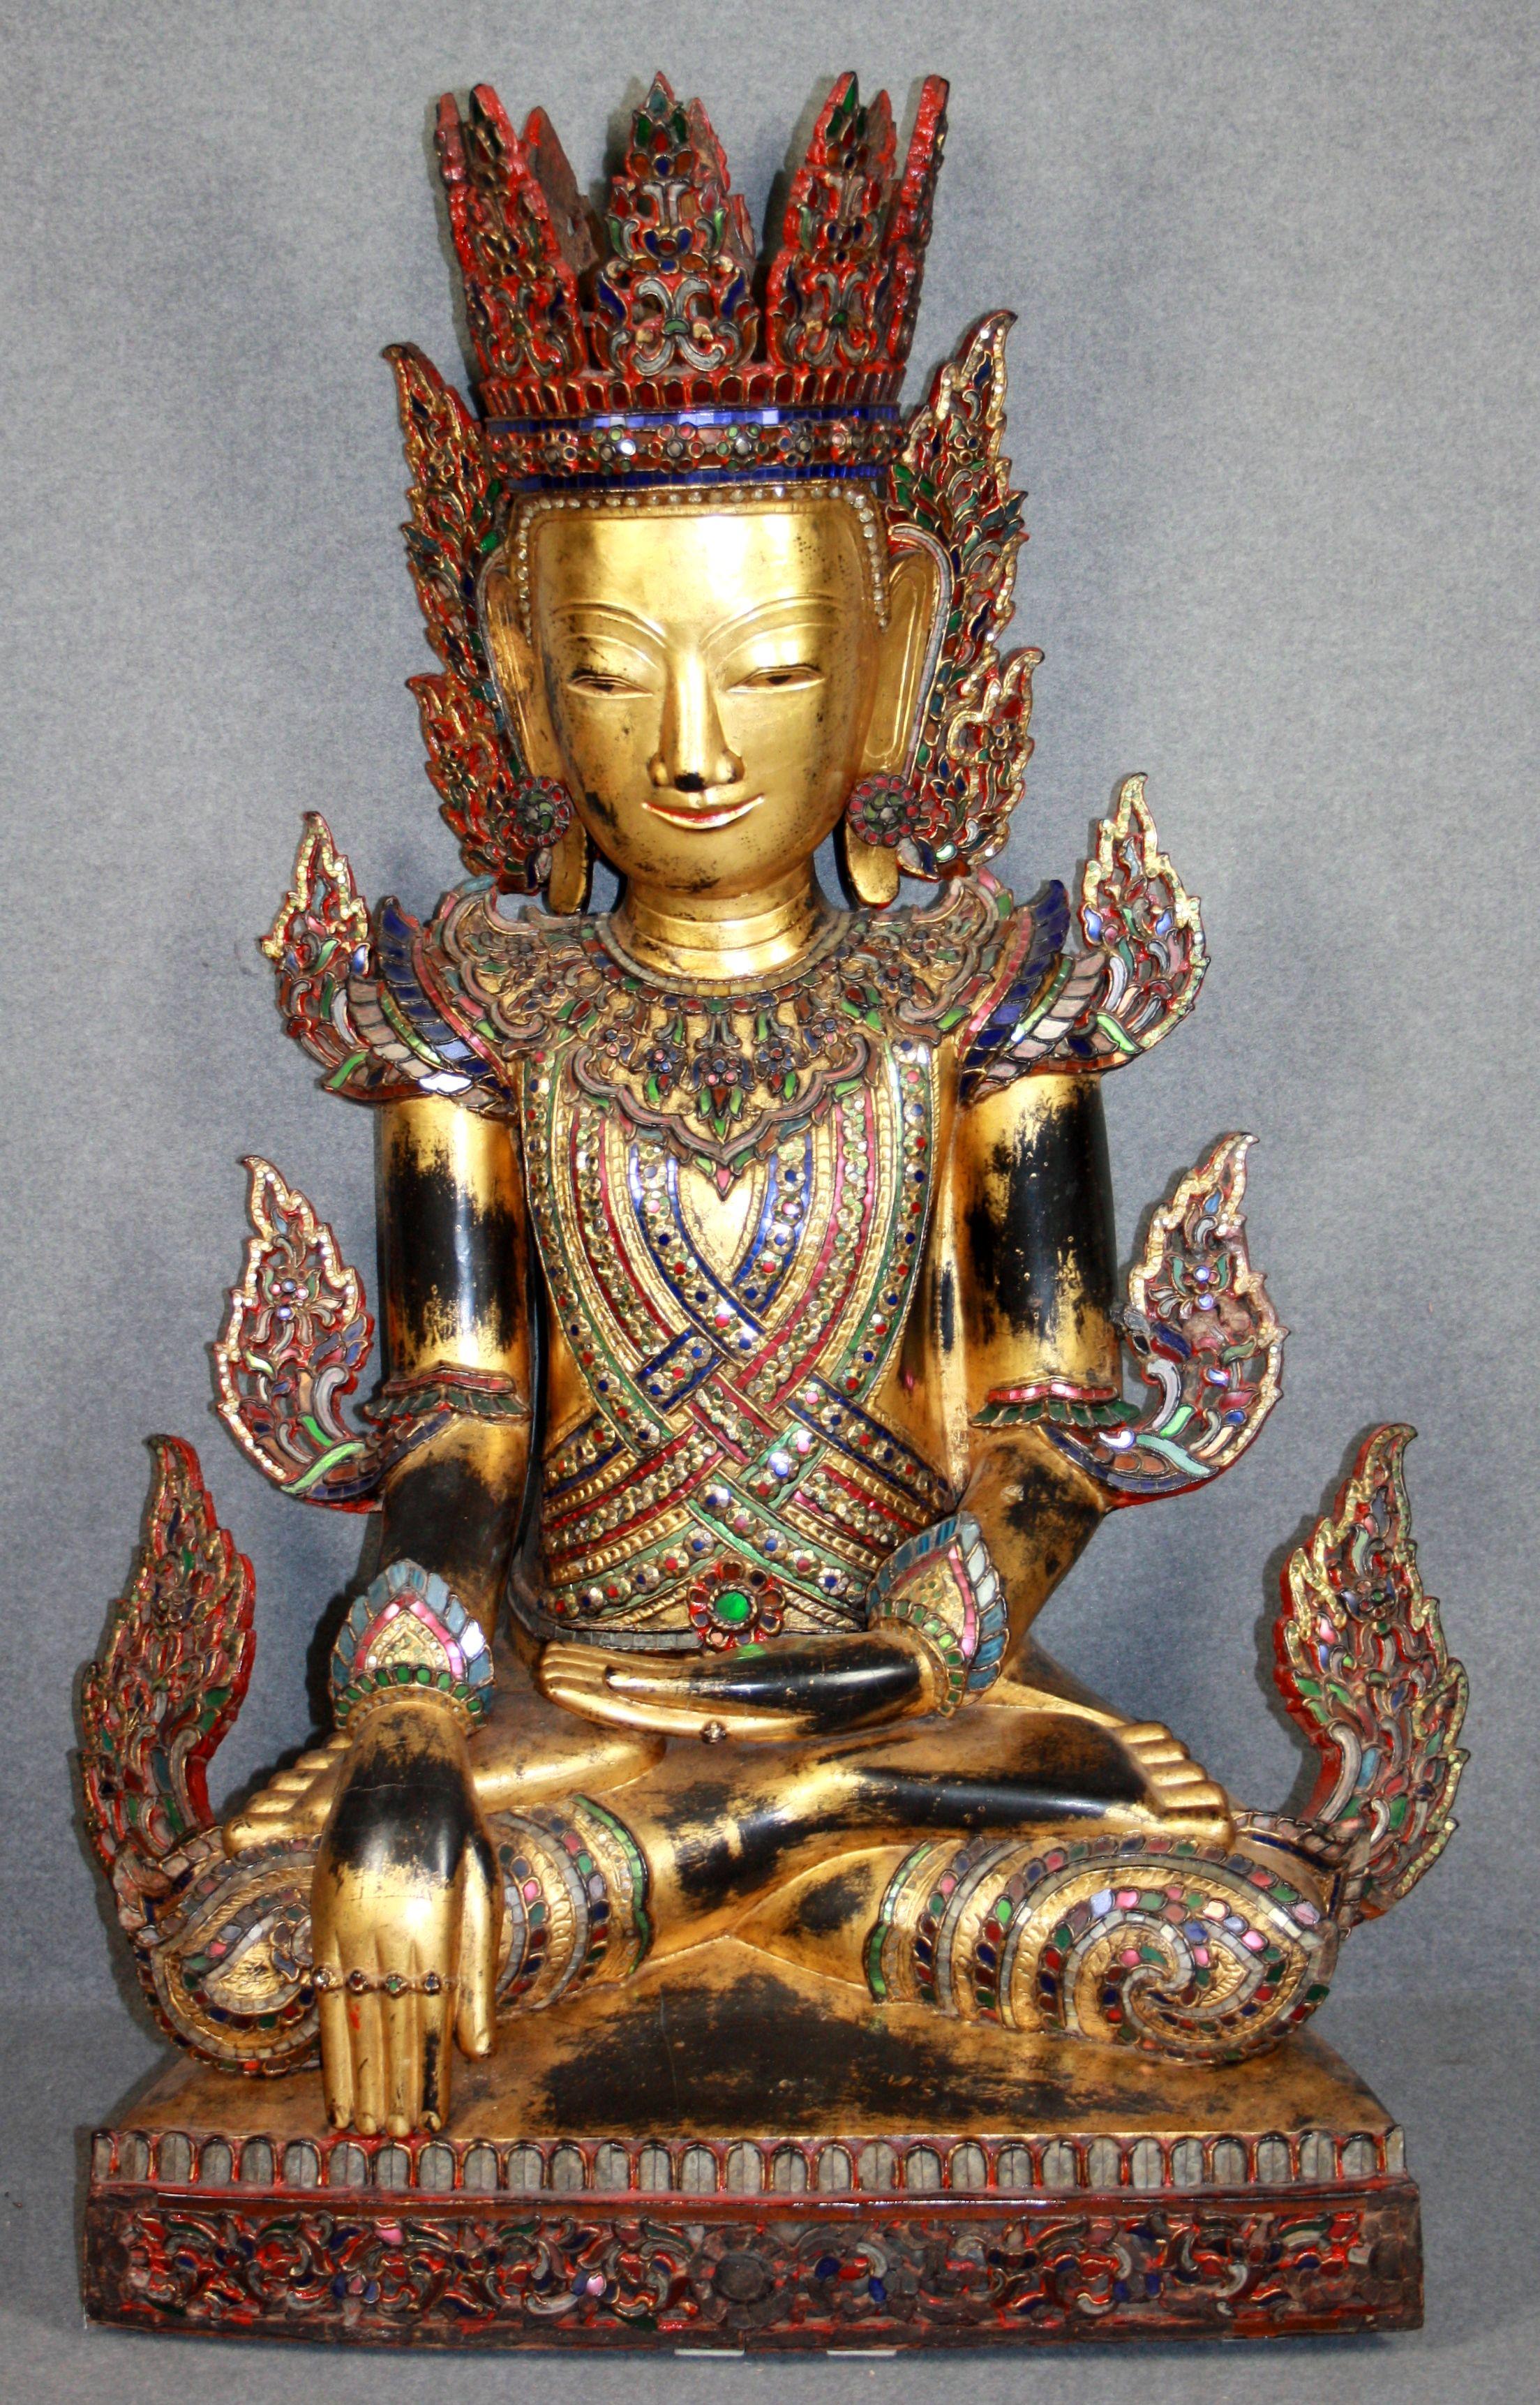 Scultura in legno dorato e policromo con incastonature in vetro raff. ''BUDDHA''. Thailandia o Birmania. XVIII secolo. Mis. Lung. cm. 75 Alt. cm. 114 ca.